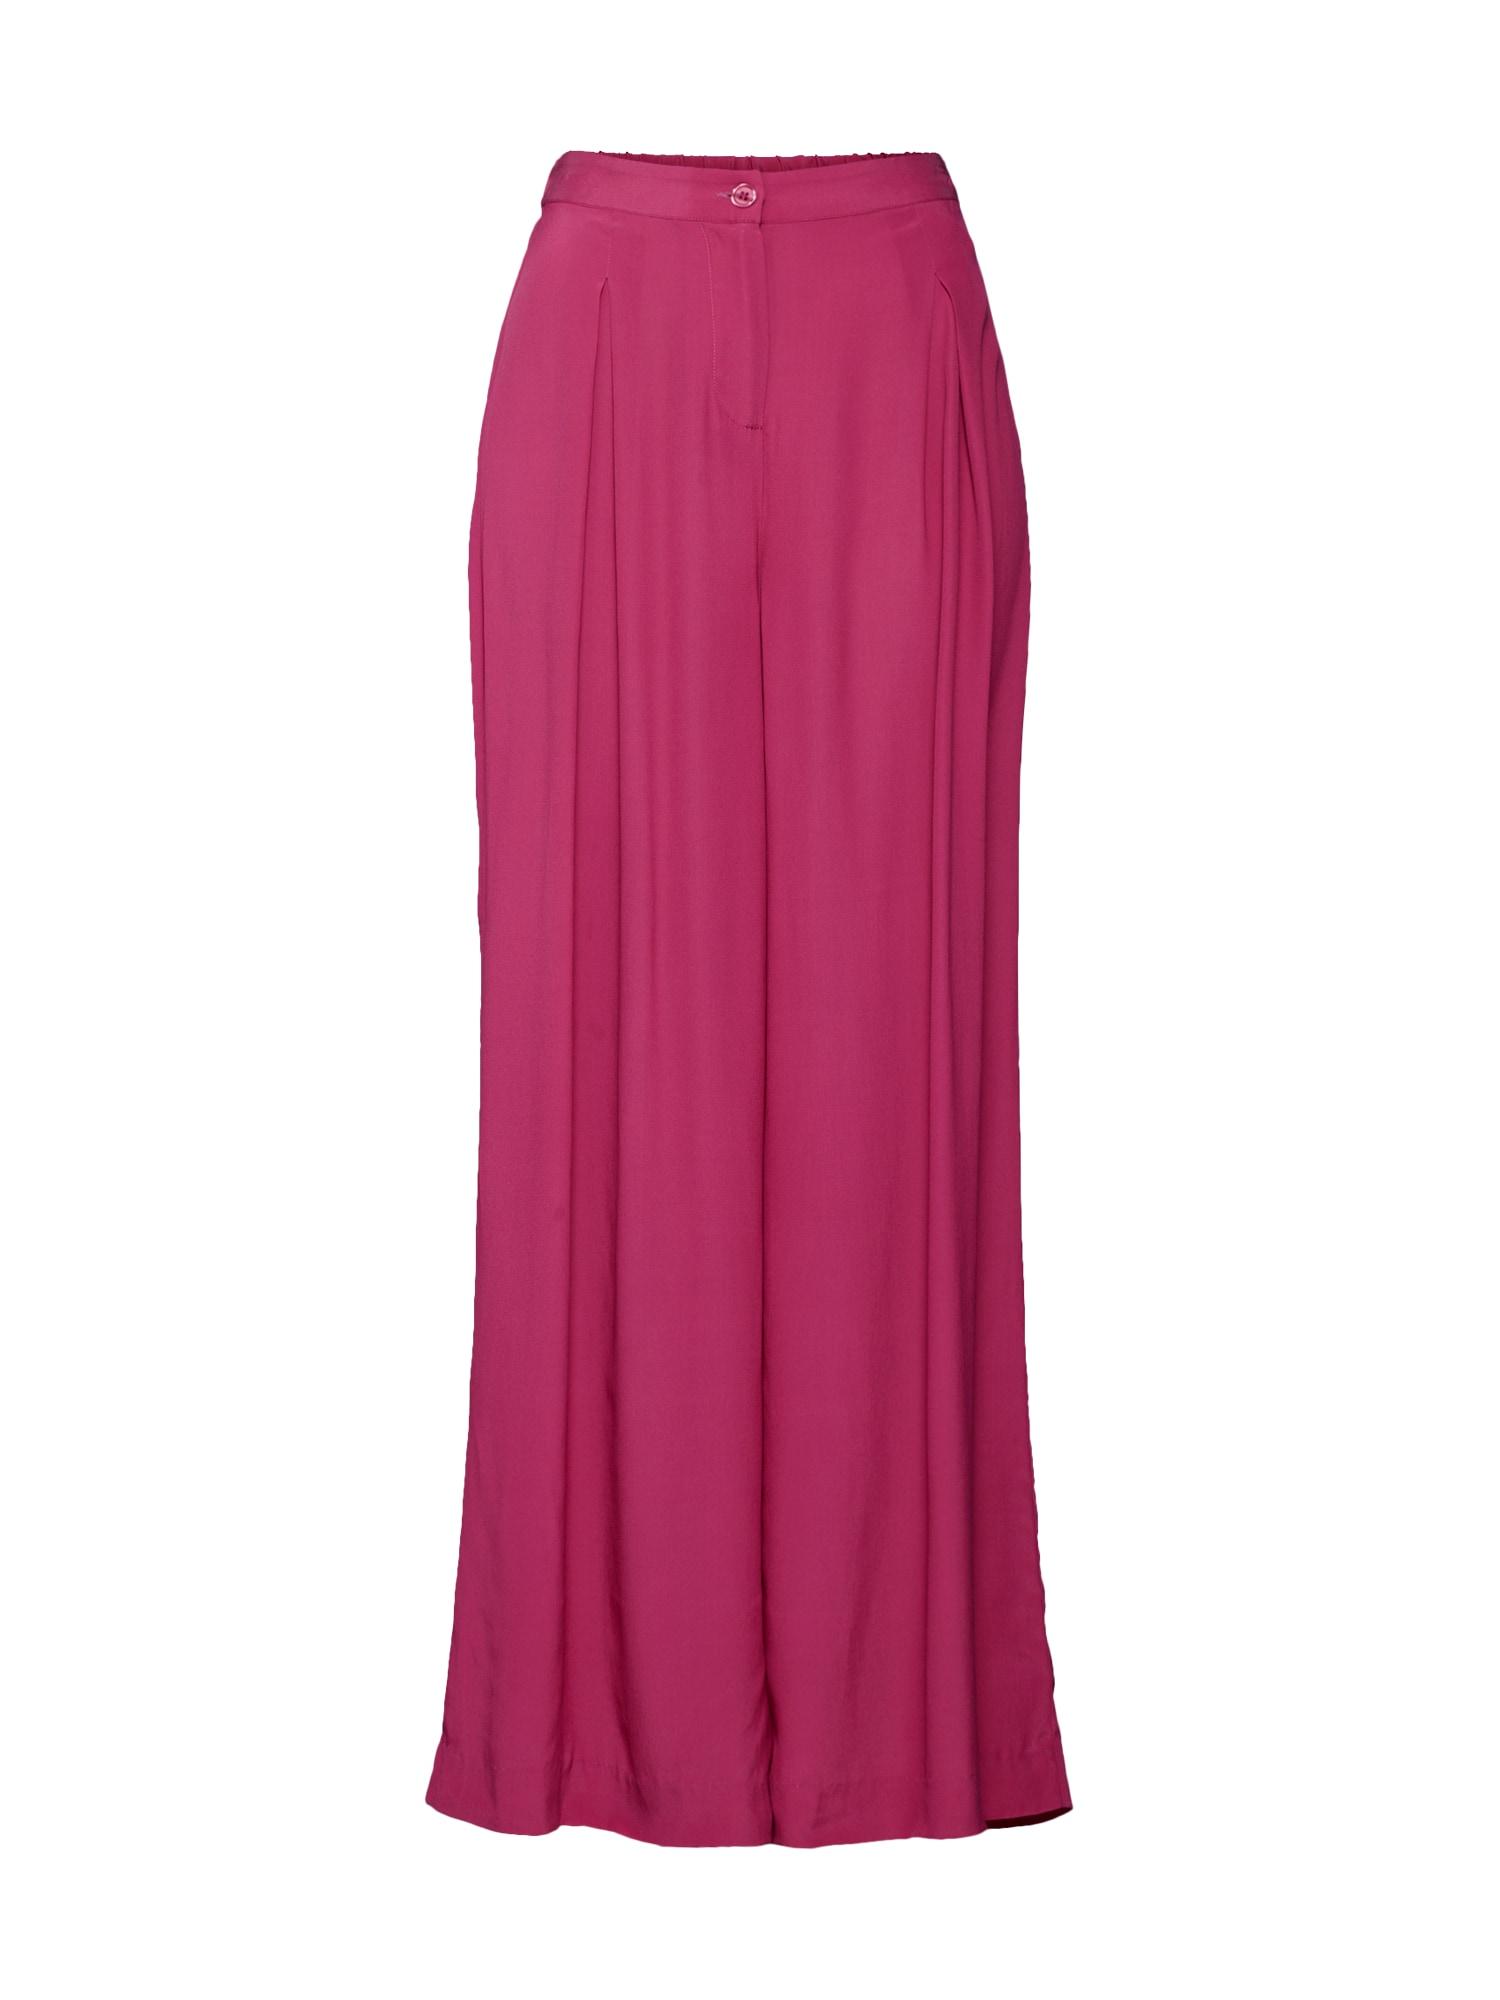 Kalhoty Less tmavě růžová SAND COPENHAGEN